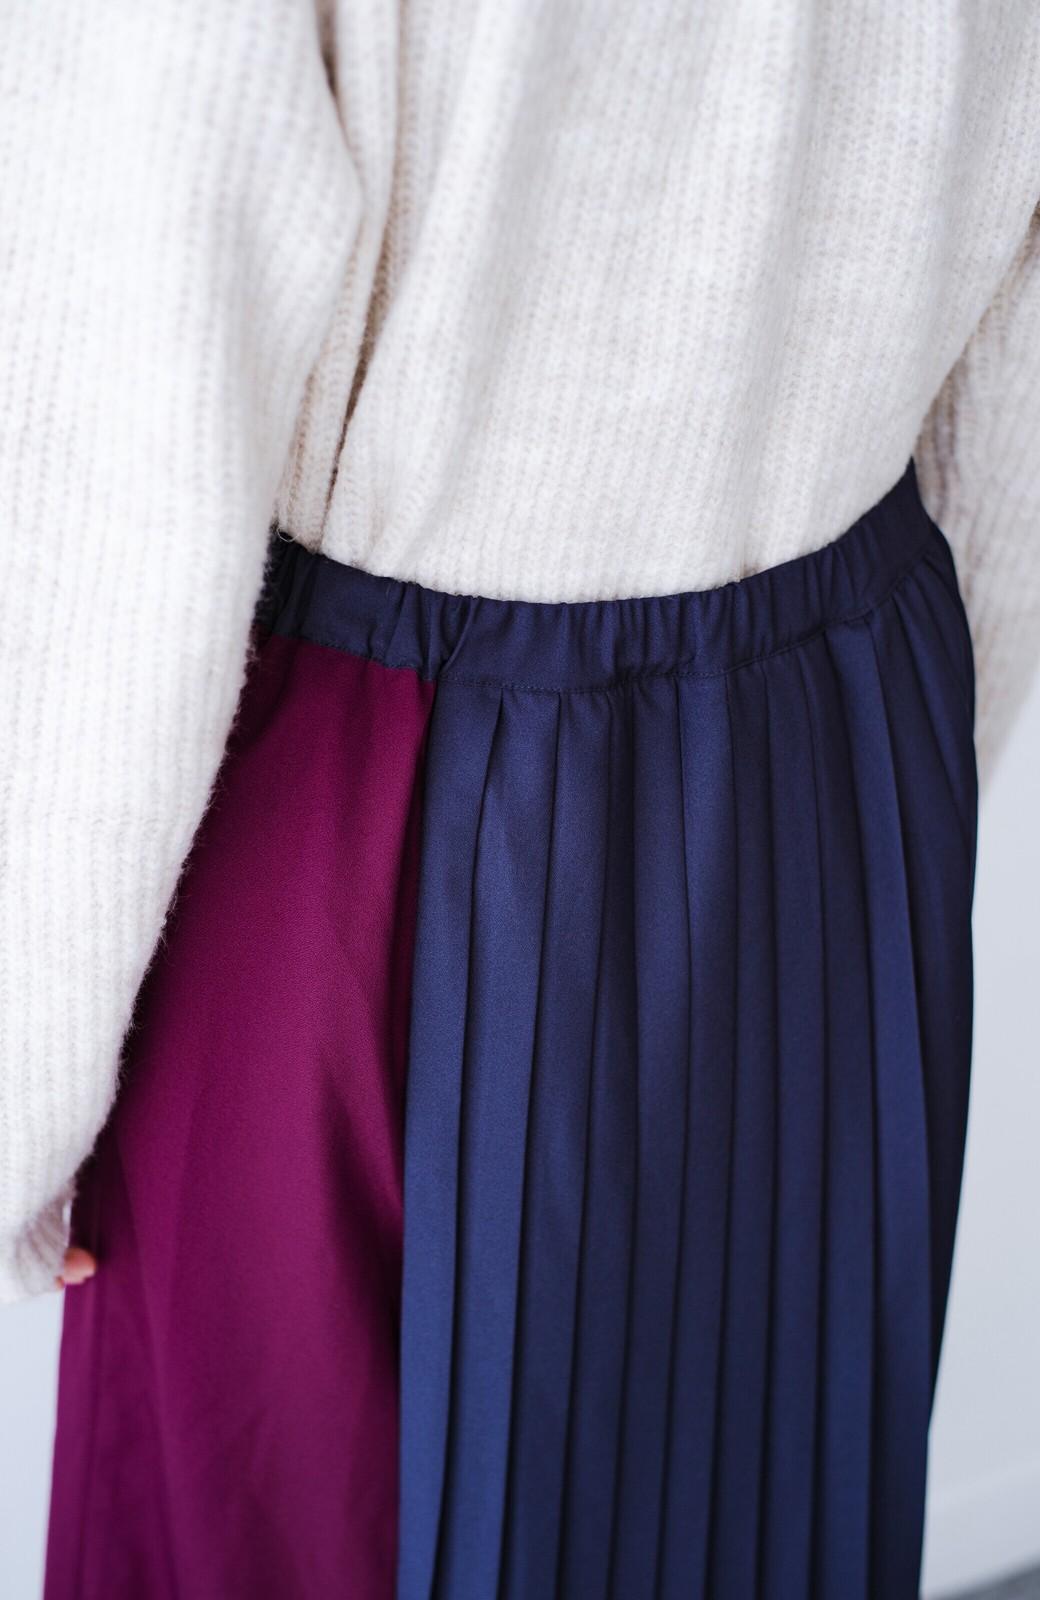 haco! 【背が小さい党】丈もウエストもぴったりサイズ!背が小さくたってすらーっと見えるプリーツスカート <ネイビー>の商品写真14